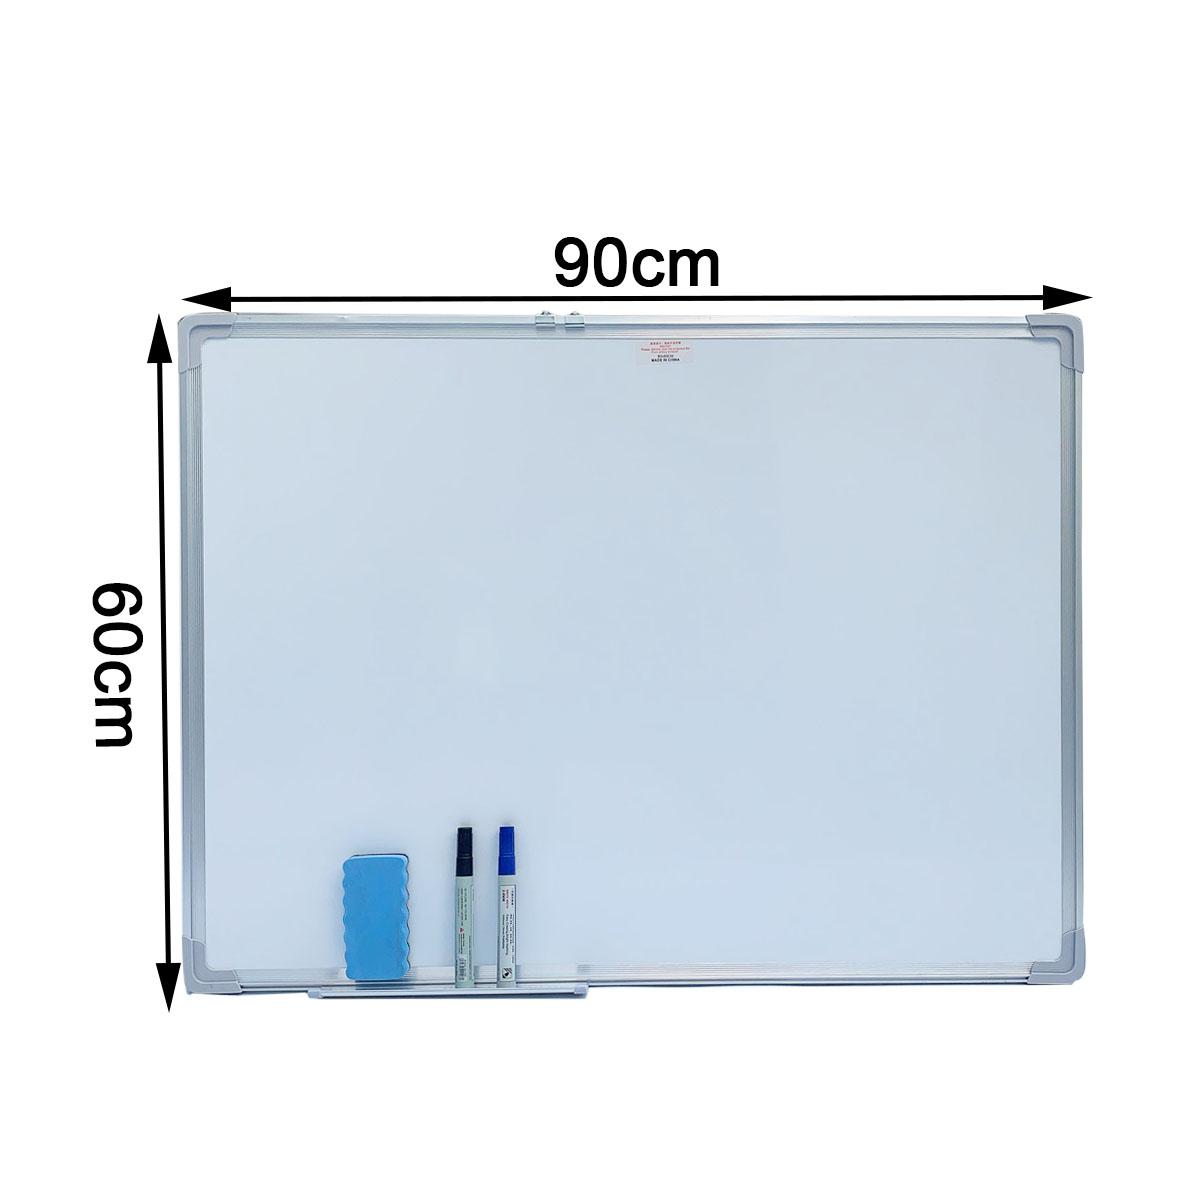 Whiteboard Schreibtafel Magnettafel Wandtafel Weißwand Memoboard für Büro Schule